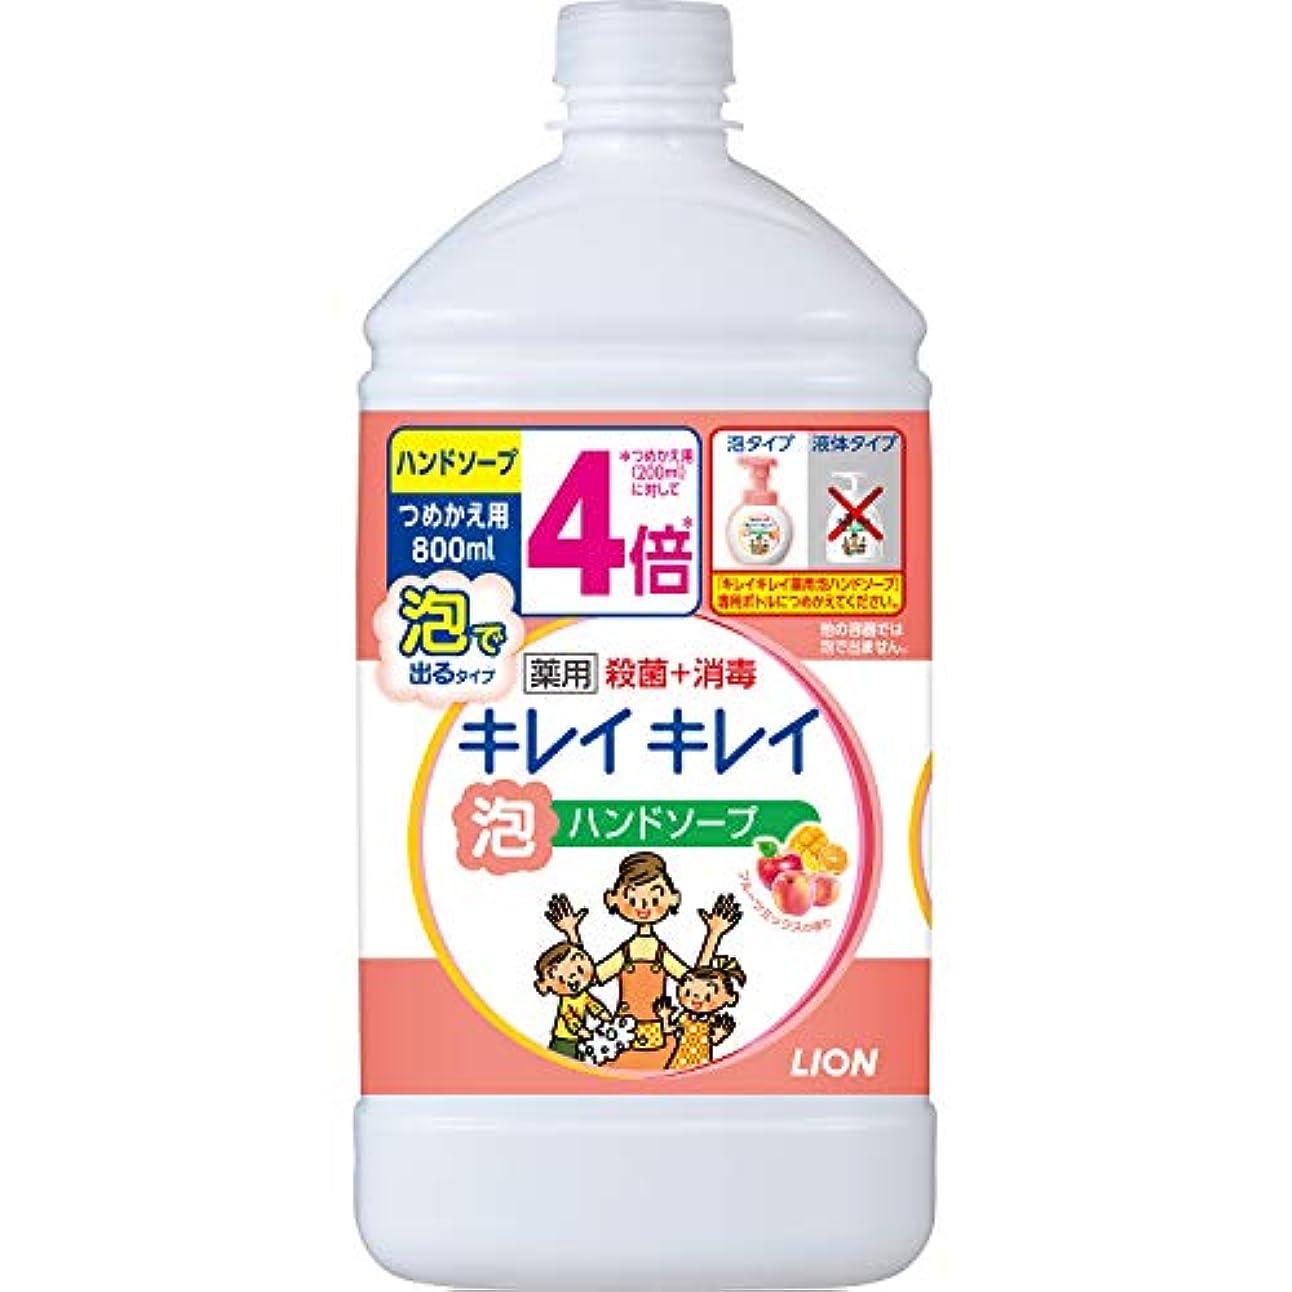 ピース必要性マトリックス(医薬部外品)【大容量】キレイキレイ 薬用 泡ハンドソープ フルーツミックスの香り 詰め替え用 800ml